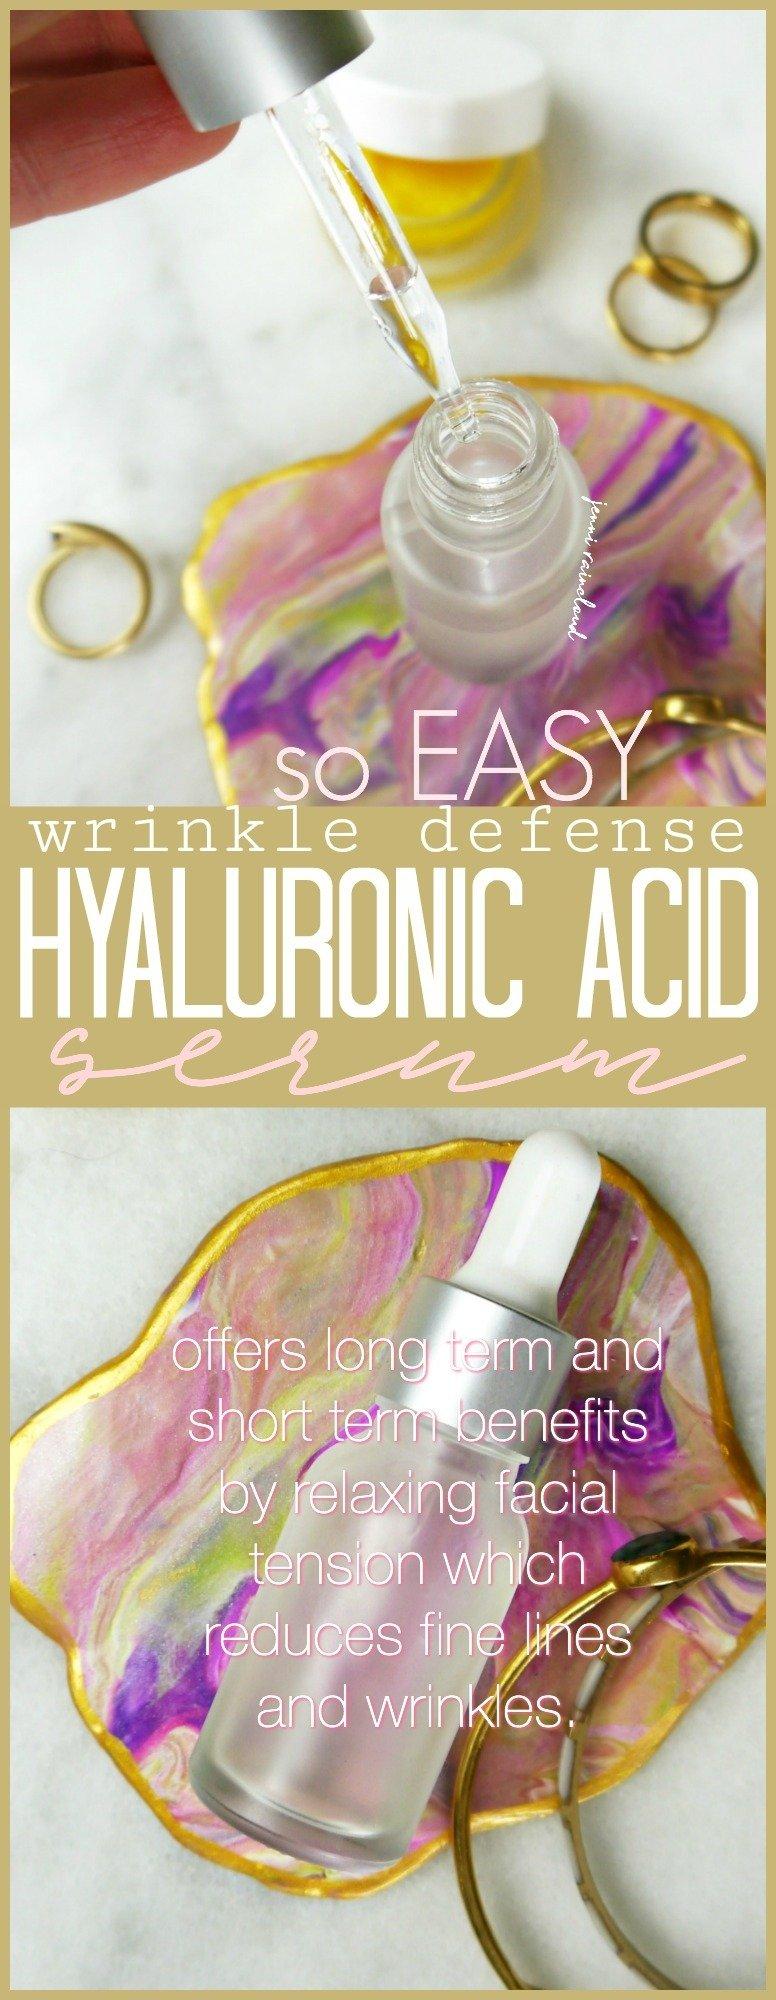 DIY Hyaluronic Acid Wrinkle Defense Serum